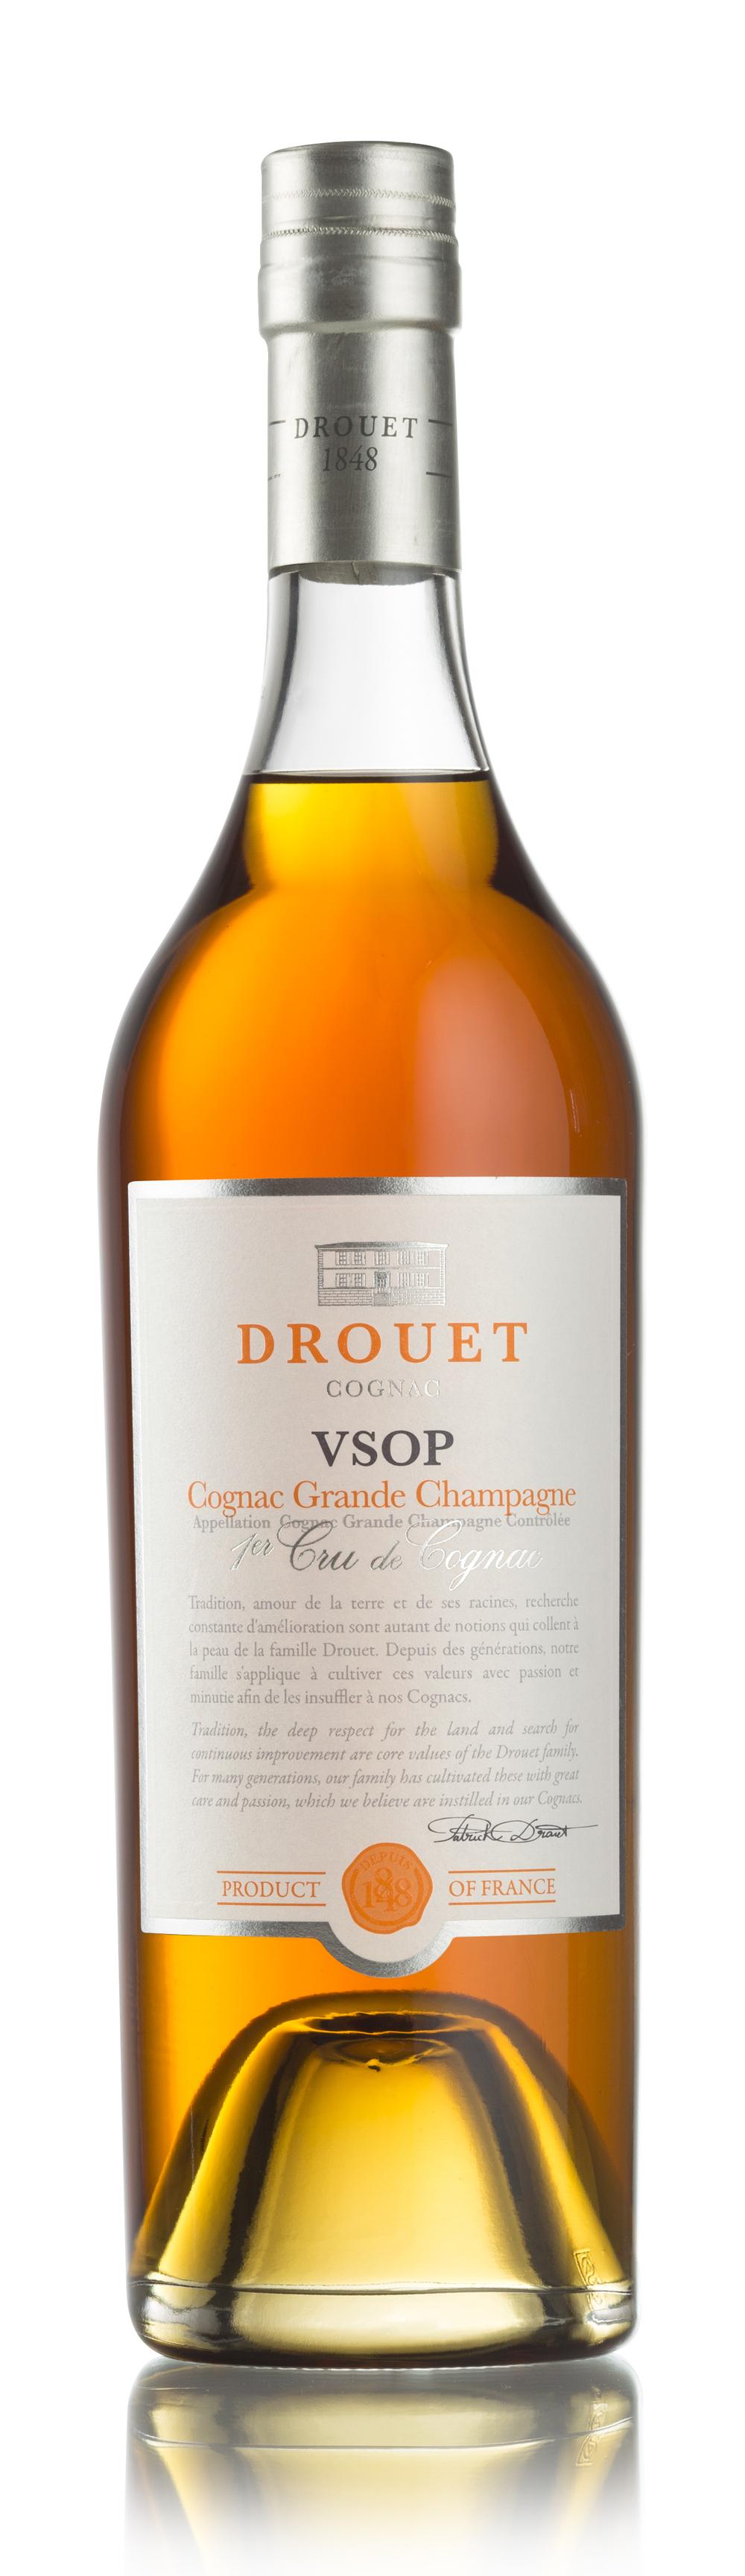 DROUET_VSOP (3).jpg